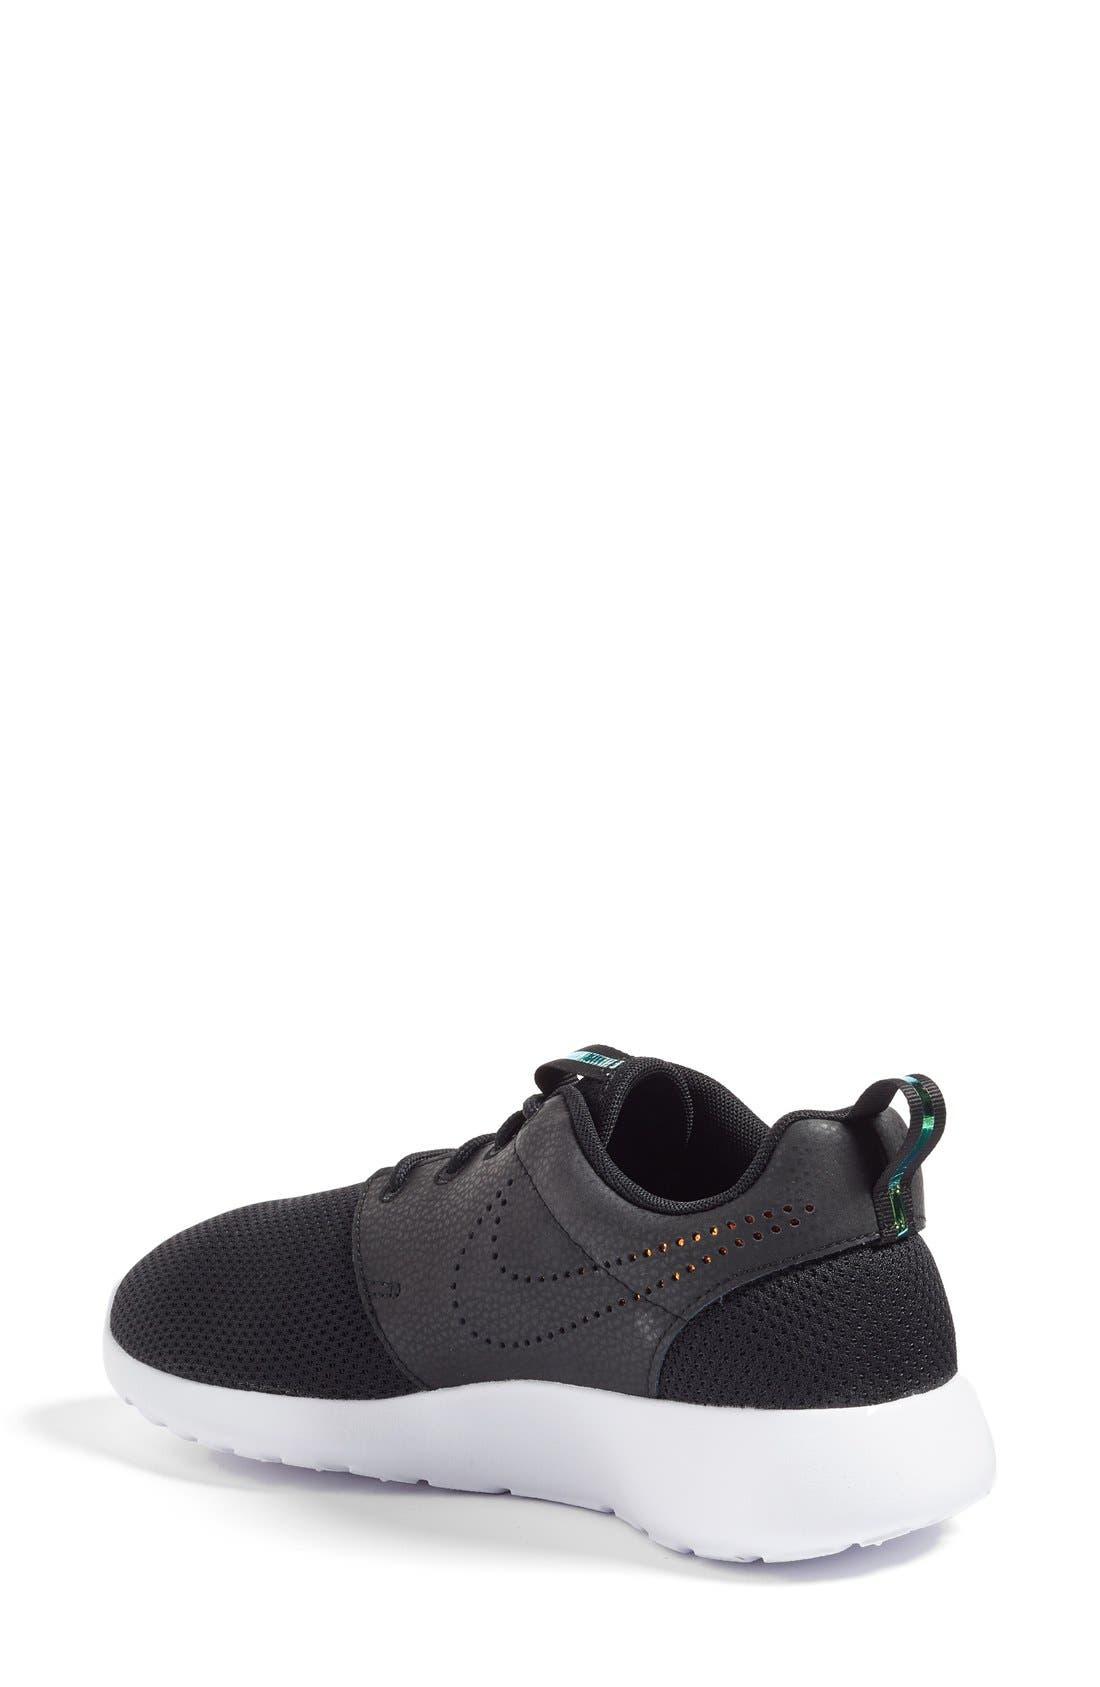 Alternate Image 2  - Nike 'Roshe Run' Print Sneaker (Women)